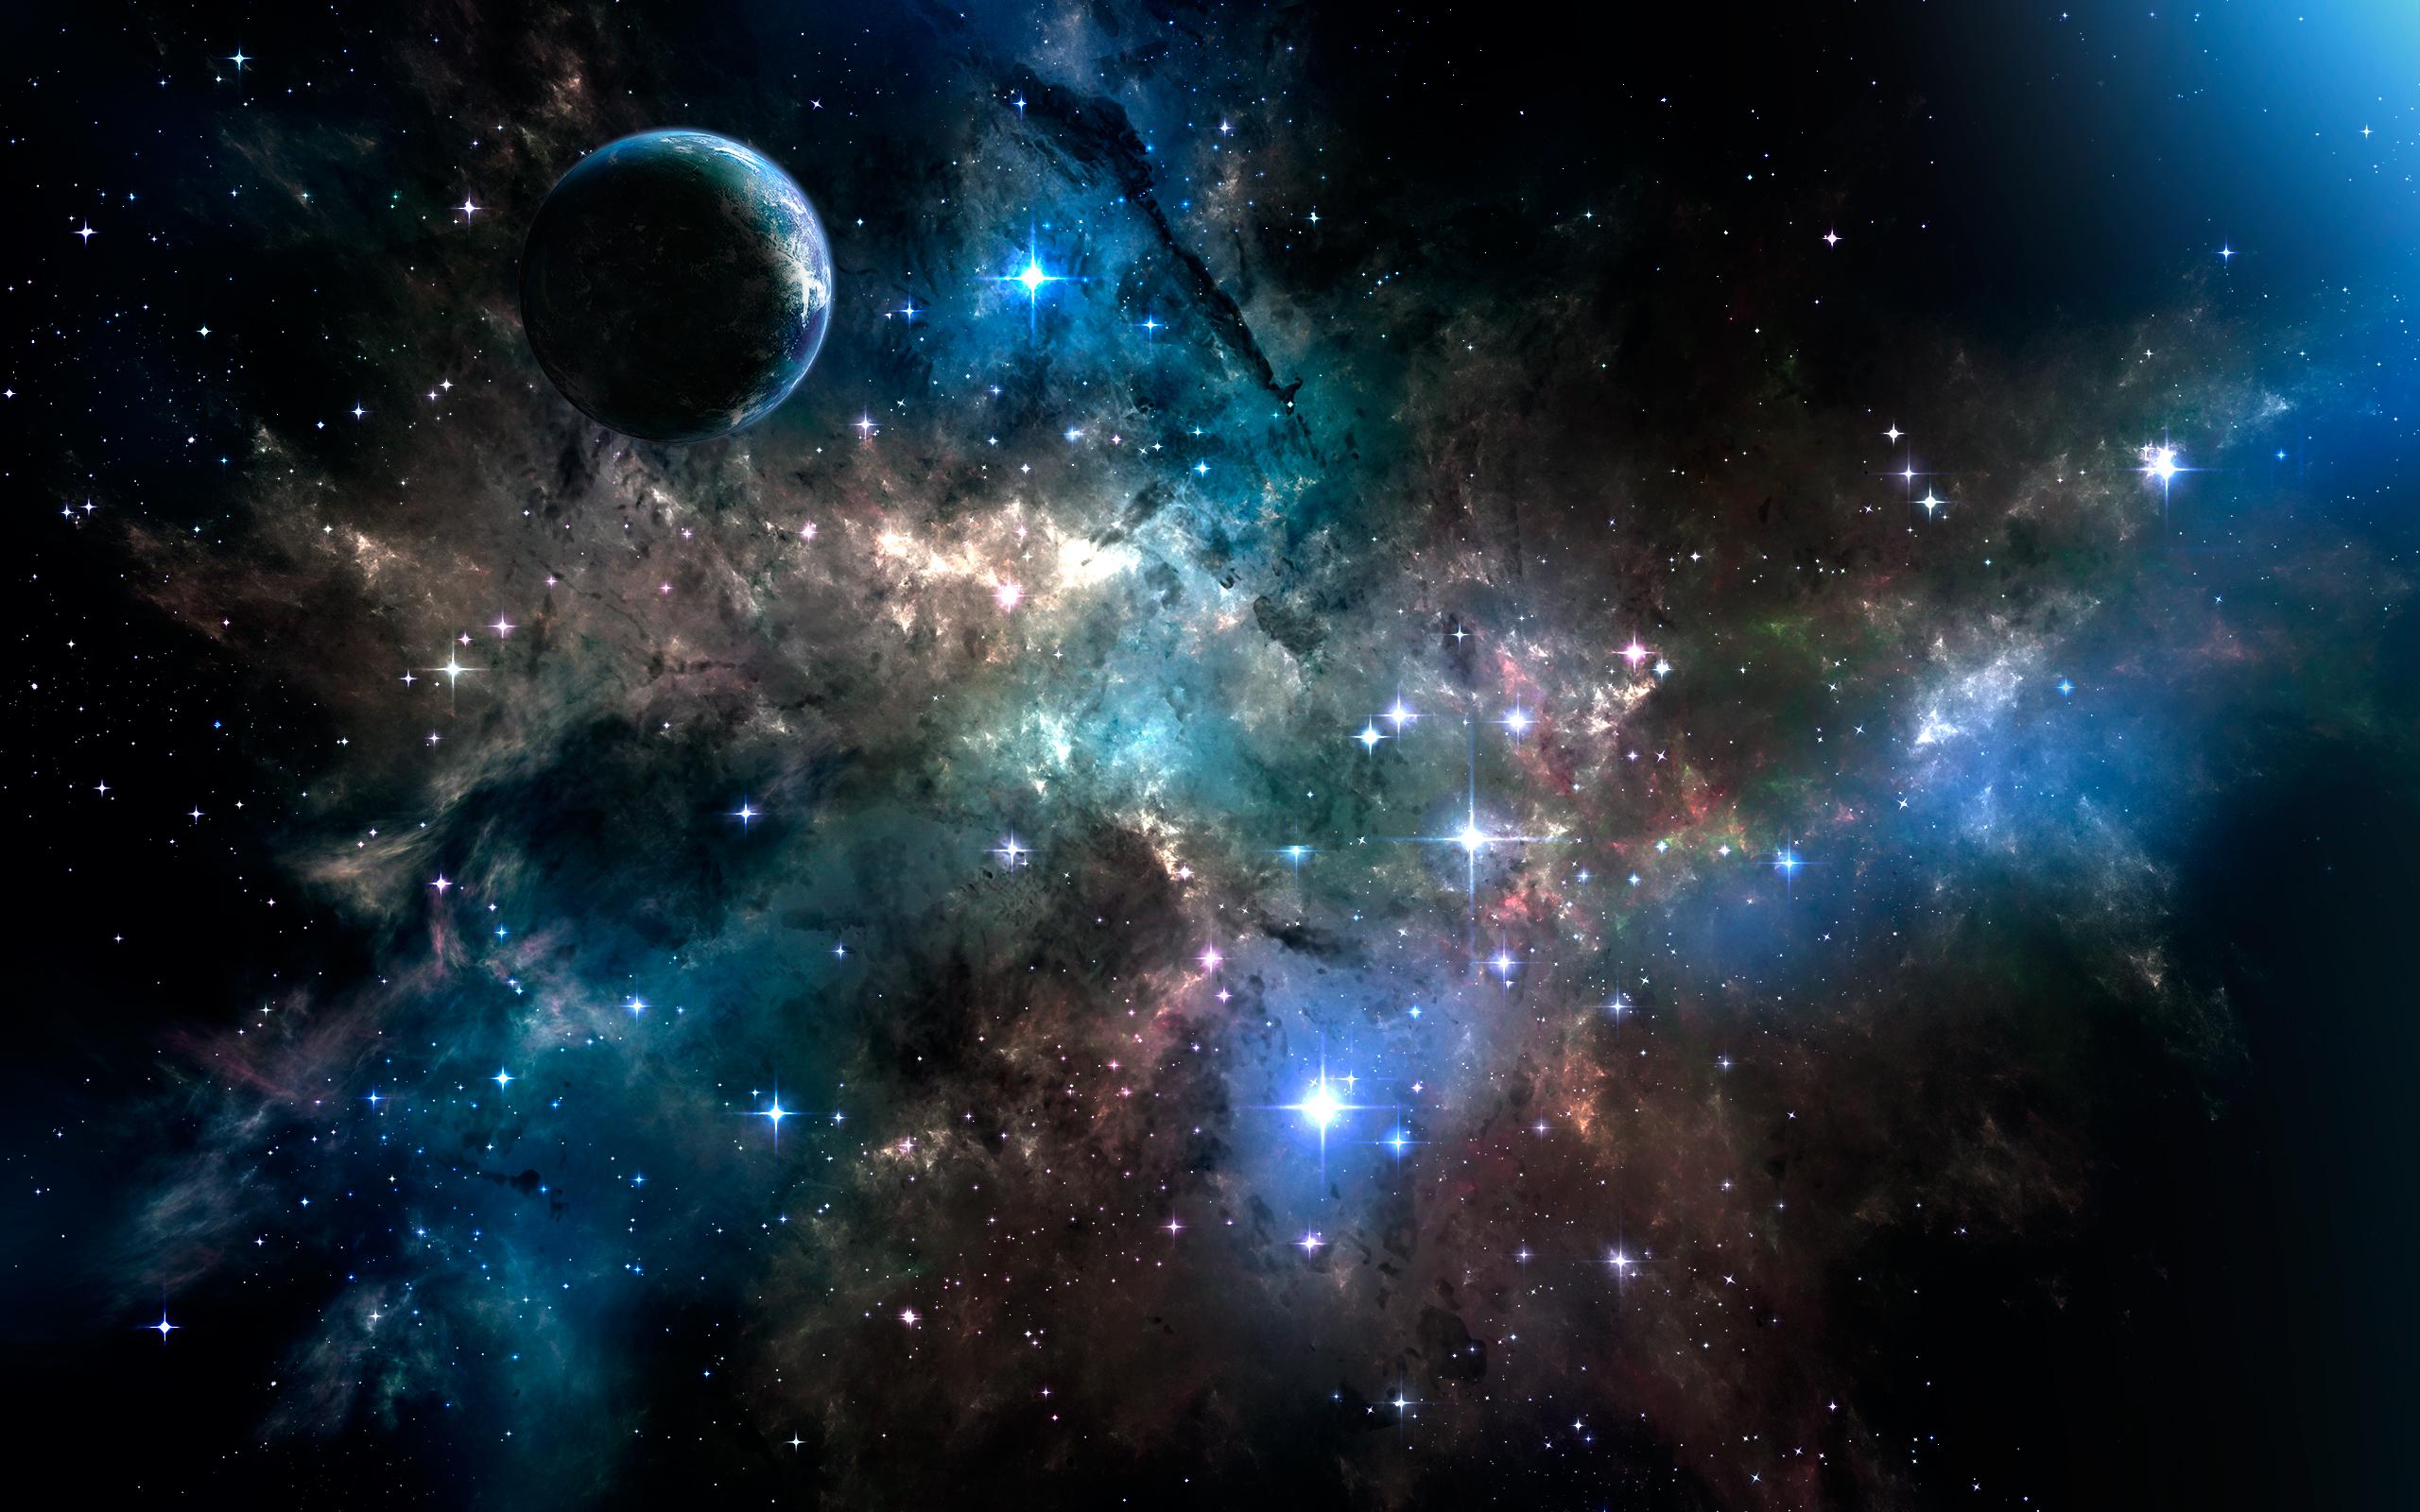 Обои космос вселенная планета картинки на рабочий стол на тему Космос - скачать  № 1955736 без смс